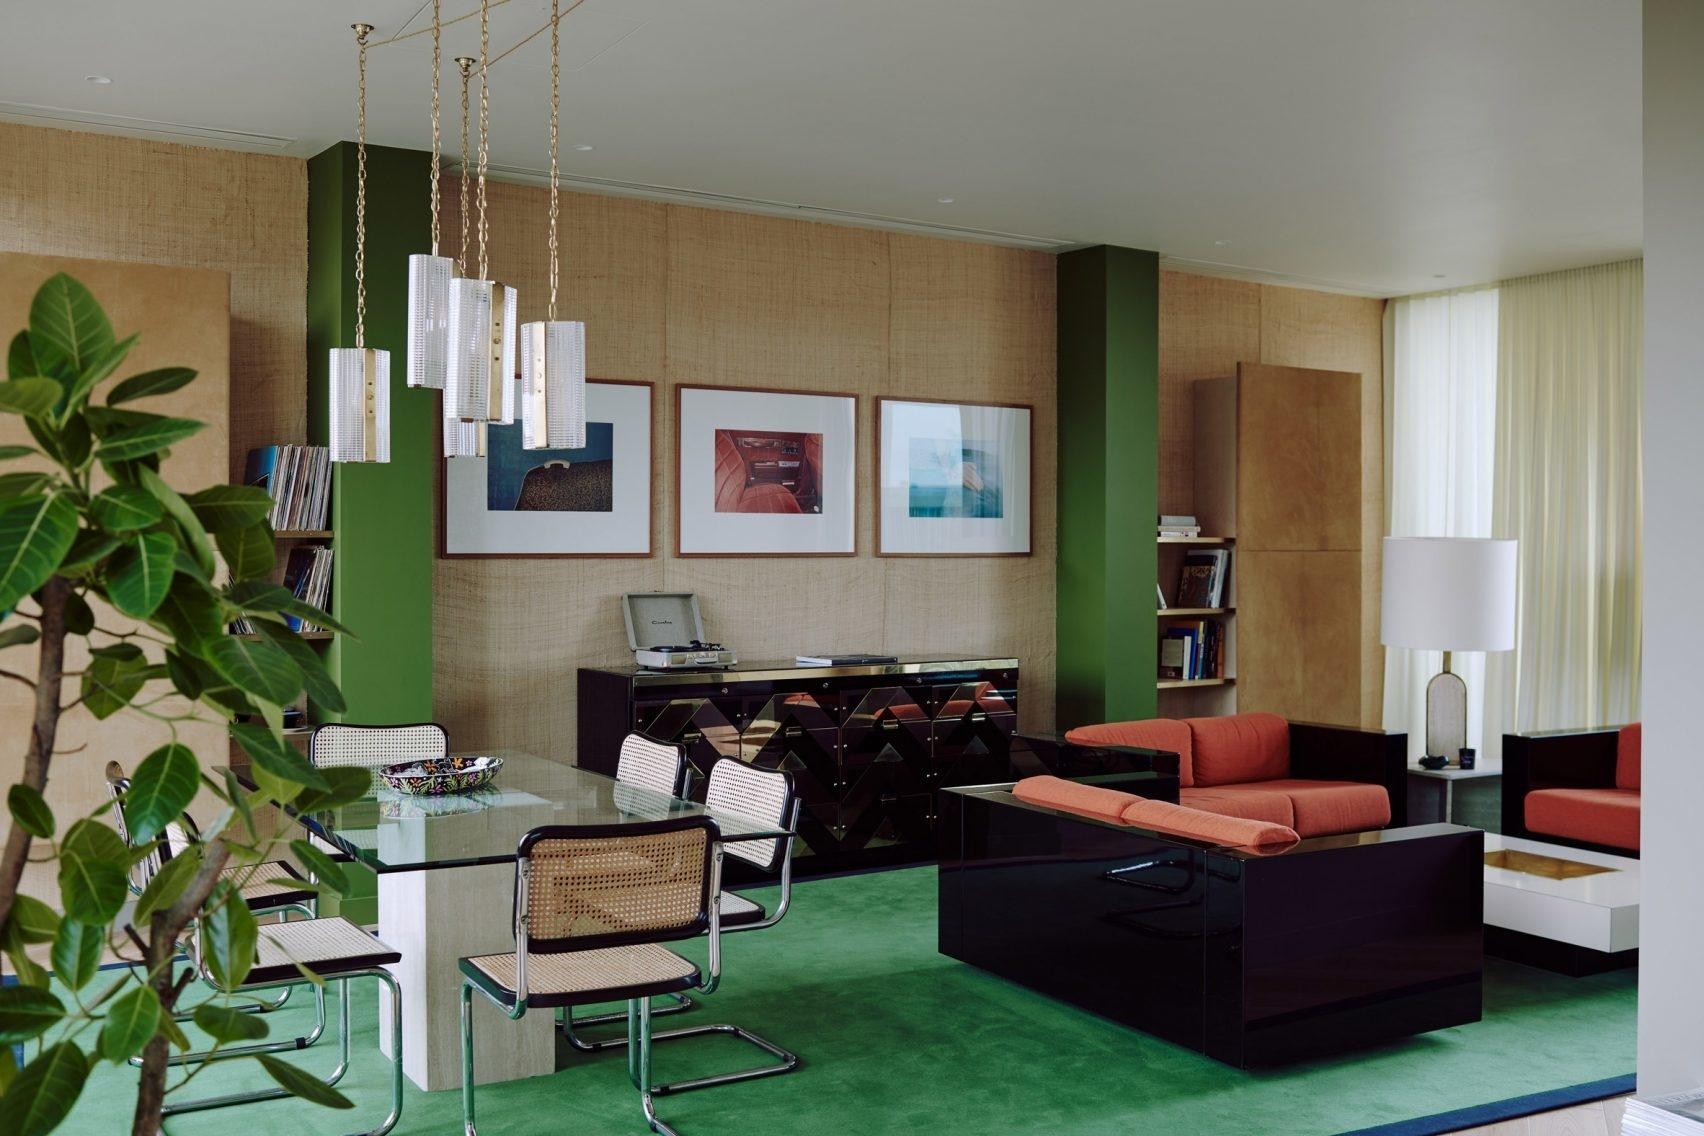 Терапия цветом: 30 проектов ярких гостиных (галерея 0, фото 2)